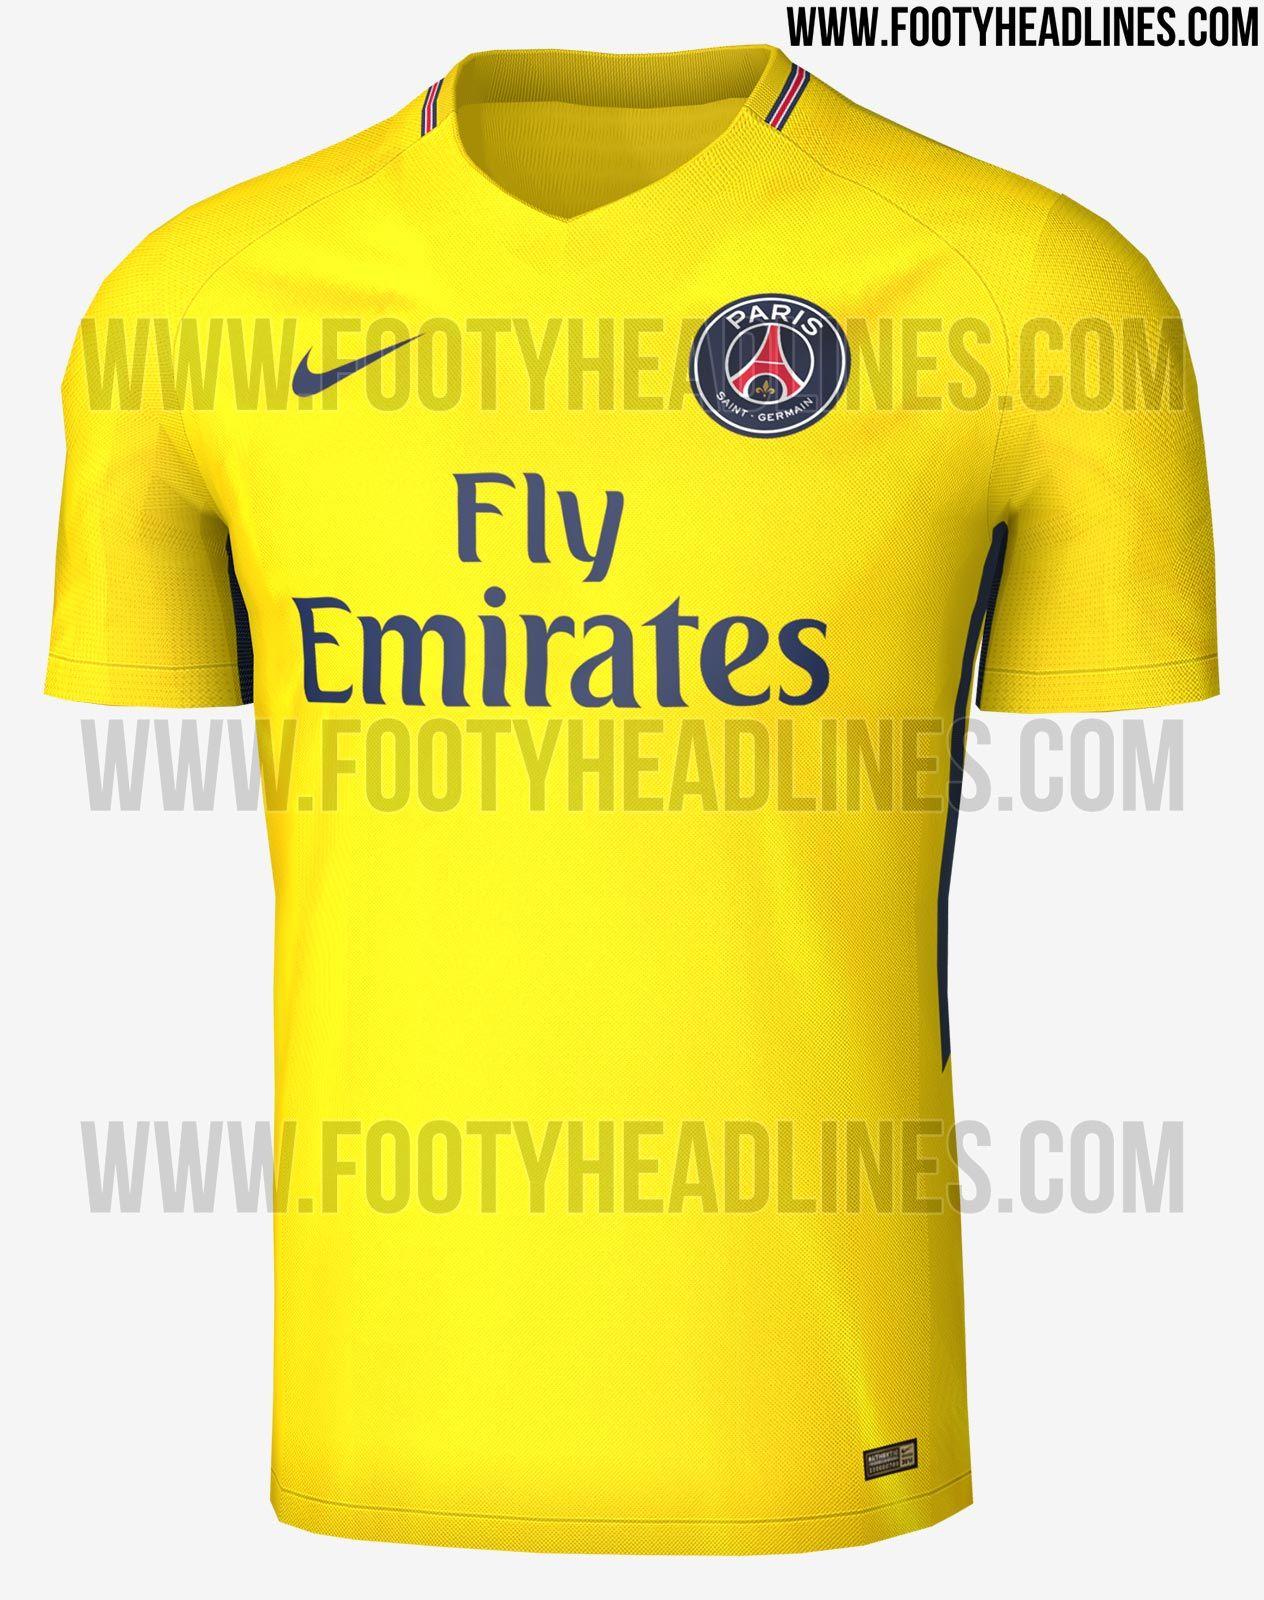 56a83152cd PSG terá camisa amarela em homenagem à jogadores brasileiros ...